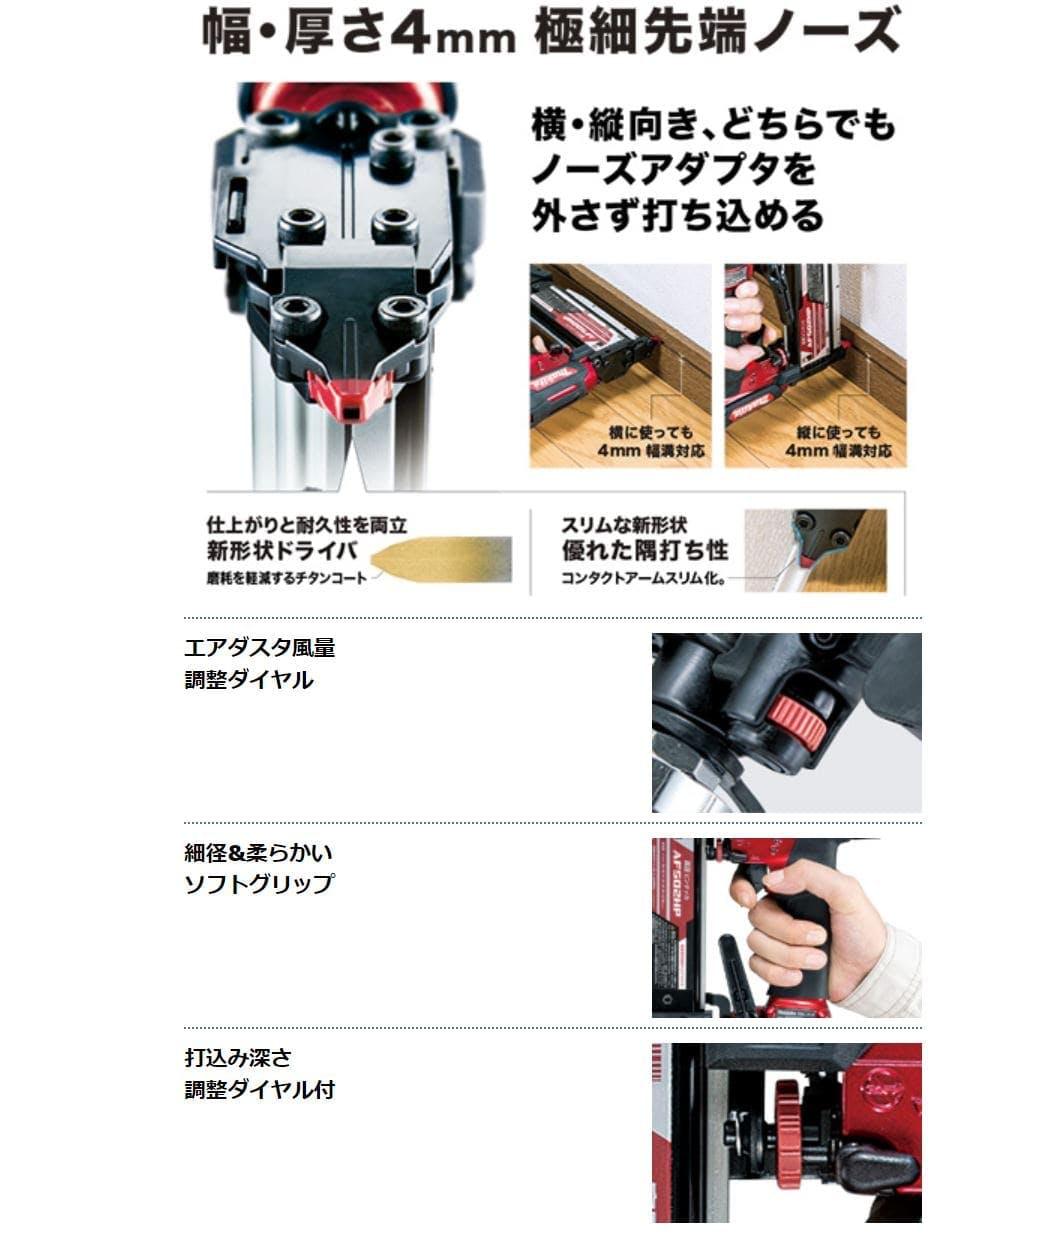 マキタ 18Vピンタッカ PT353DZK, , product